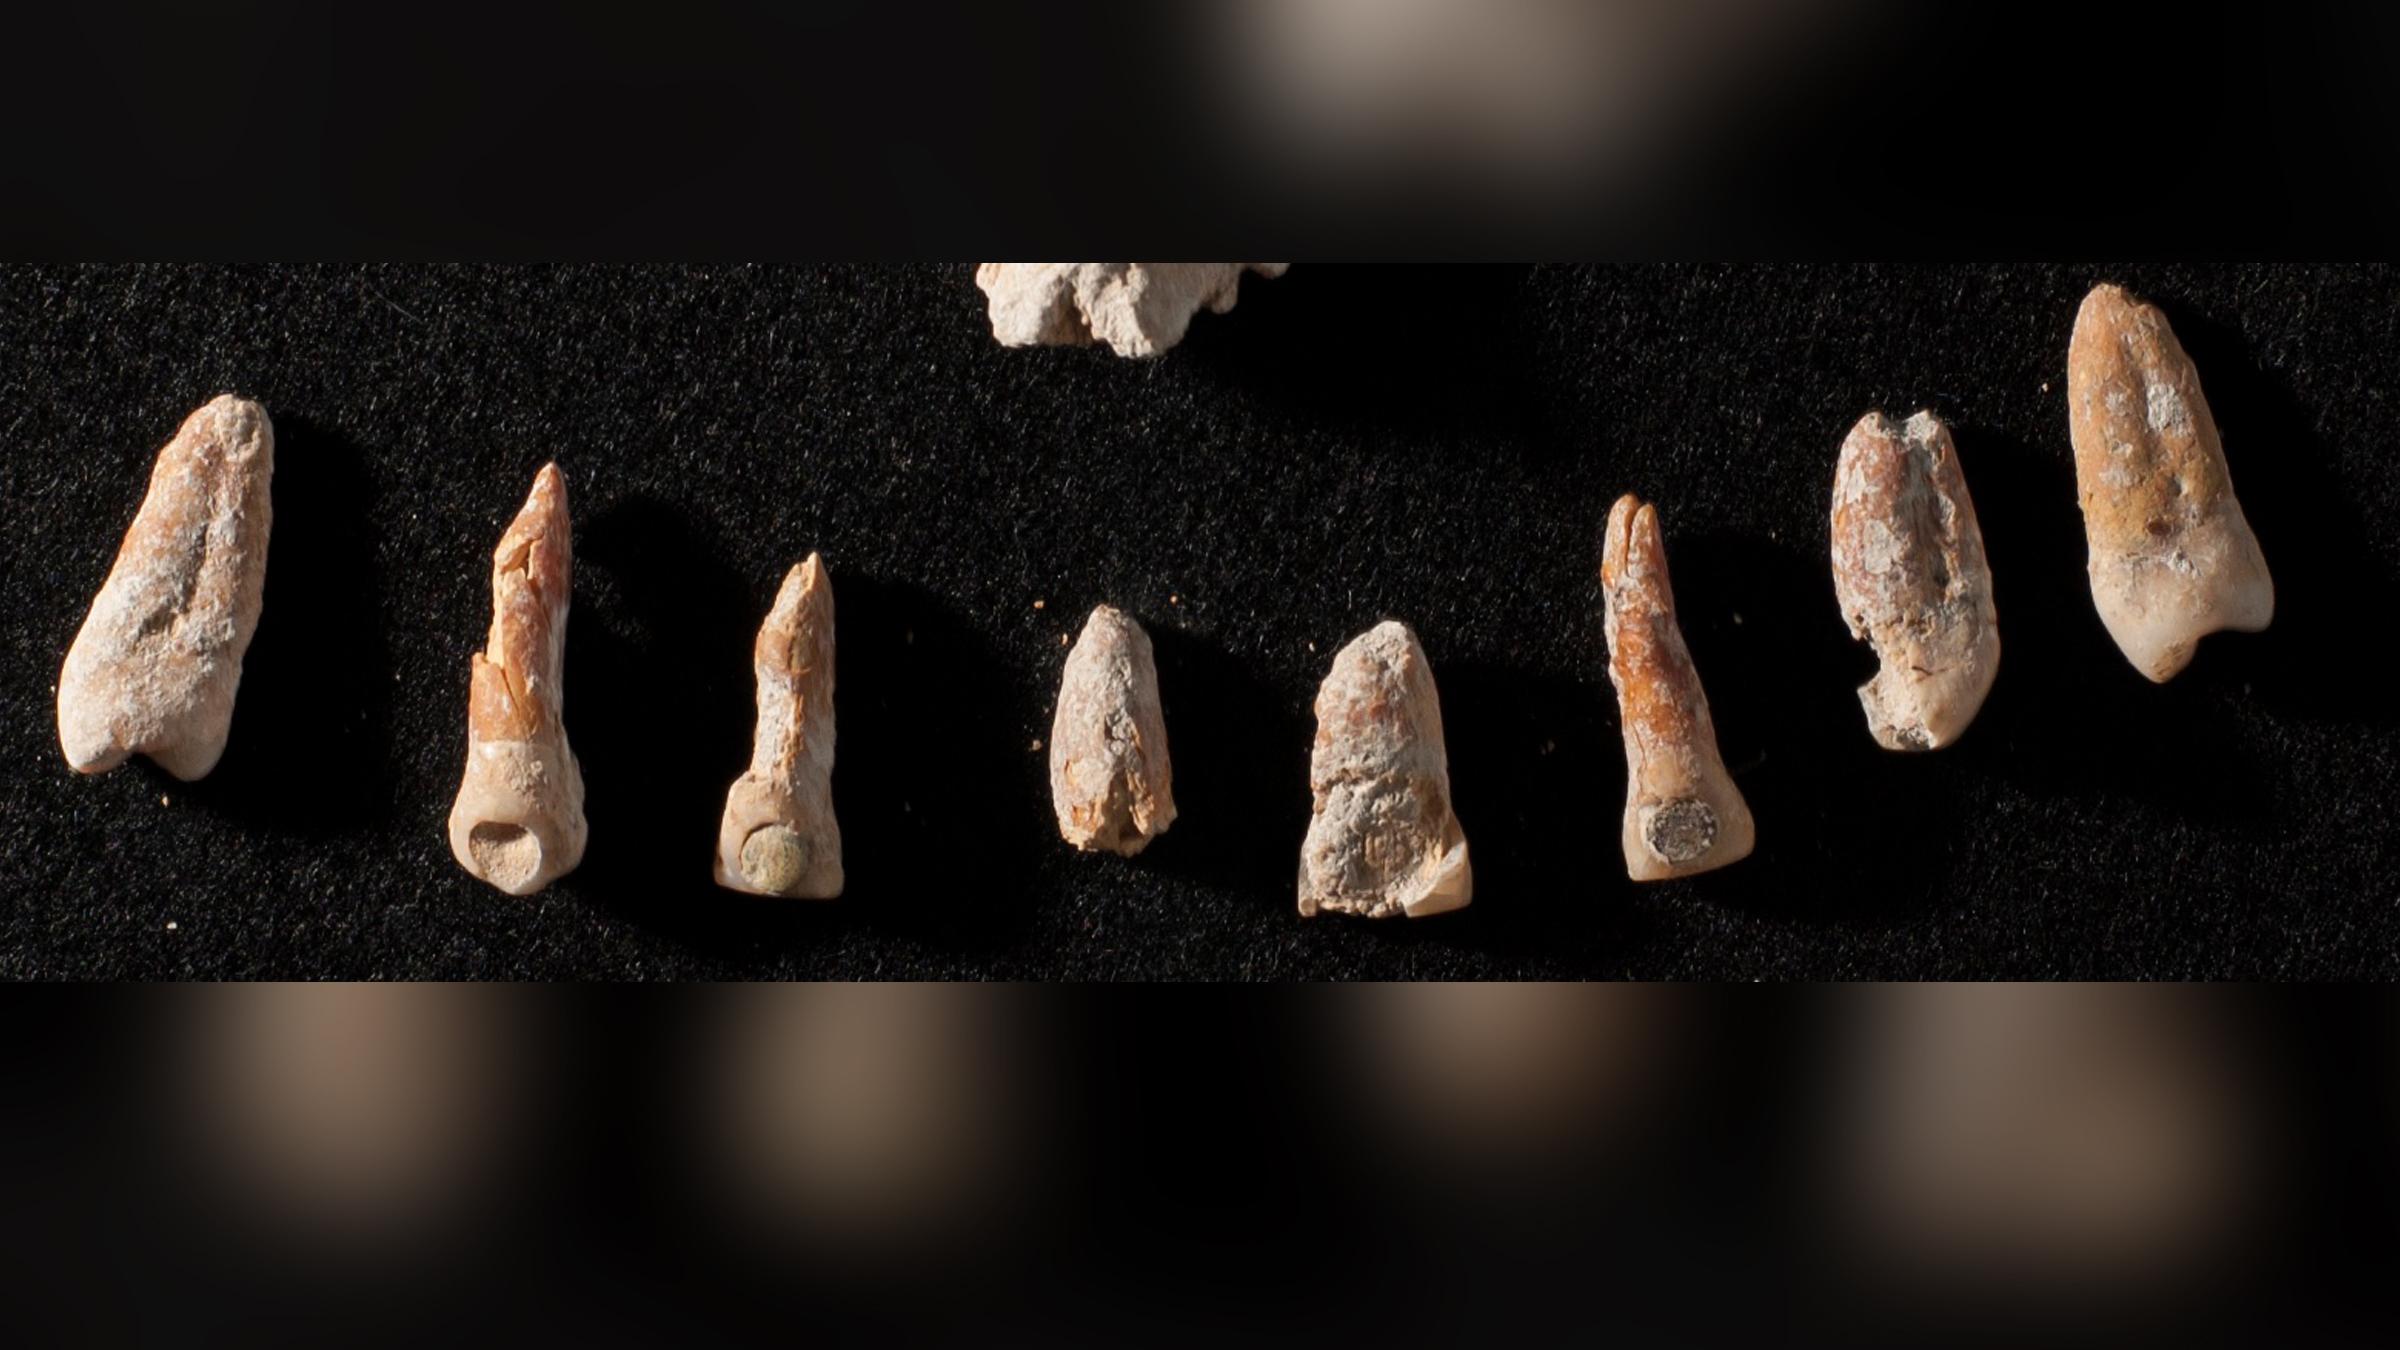 L'homme maya avait des incrustations dentaires de jade et de pyrite, bien qu'une incrustation soit tombée à l'âge adulte.